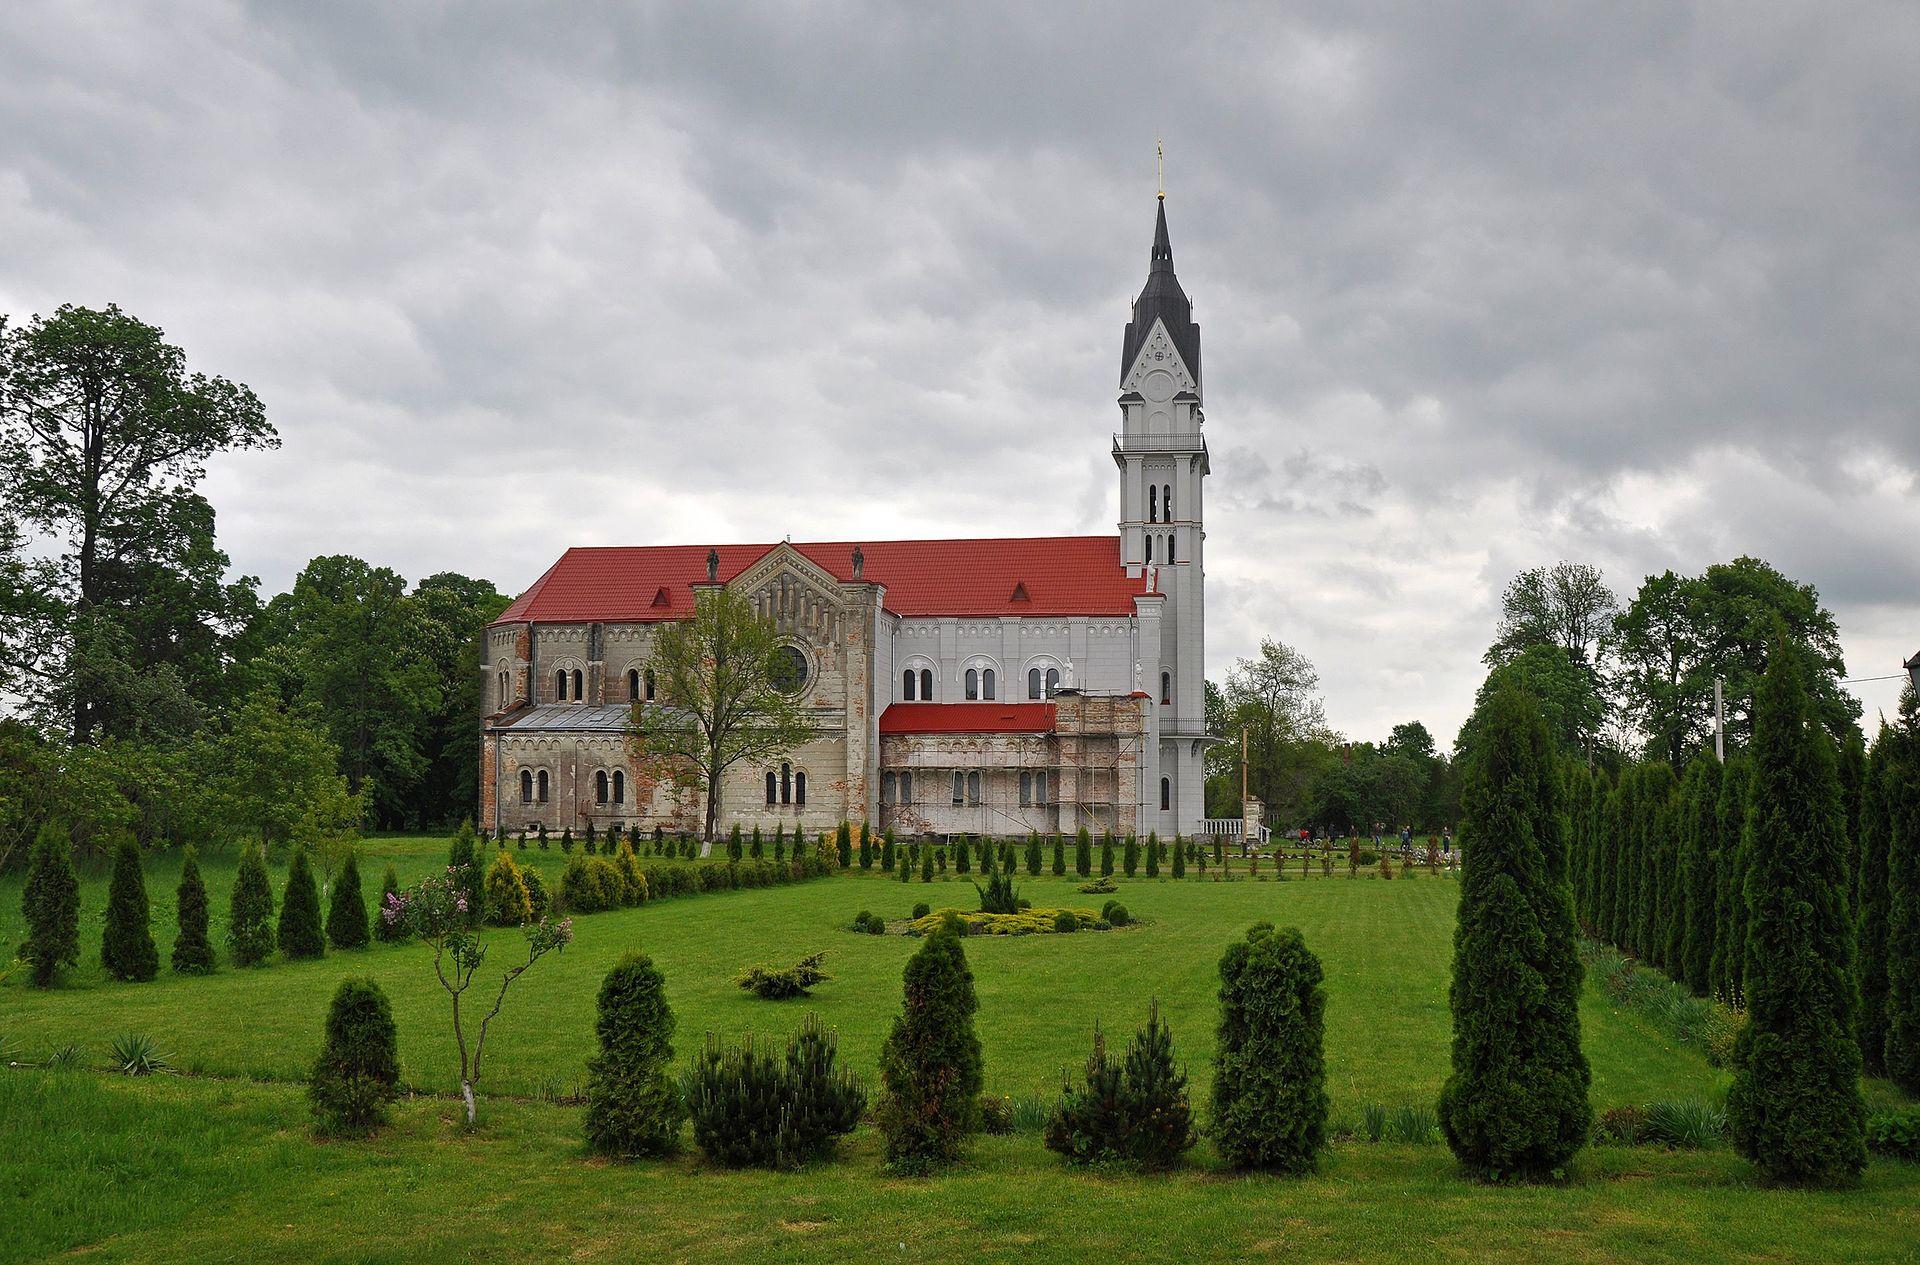 Hnizdychiv_Catholic_Church_RB_46-215-0018